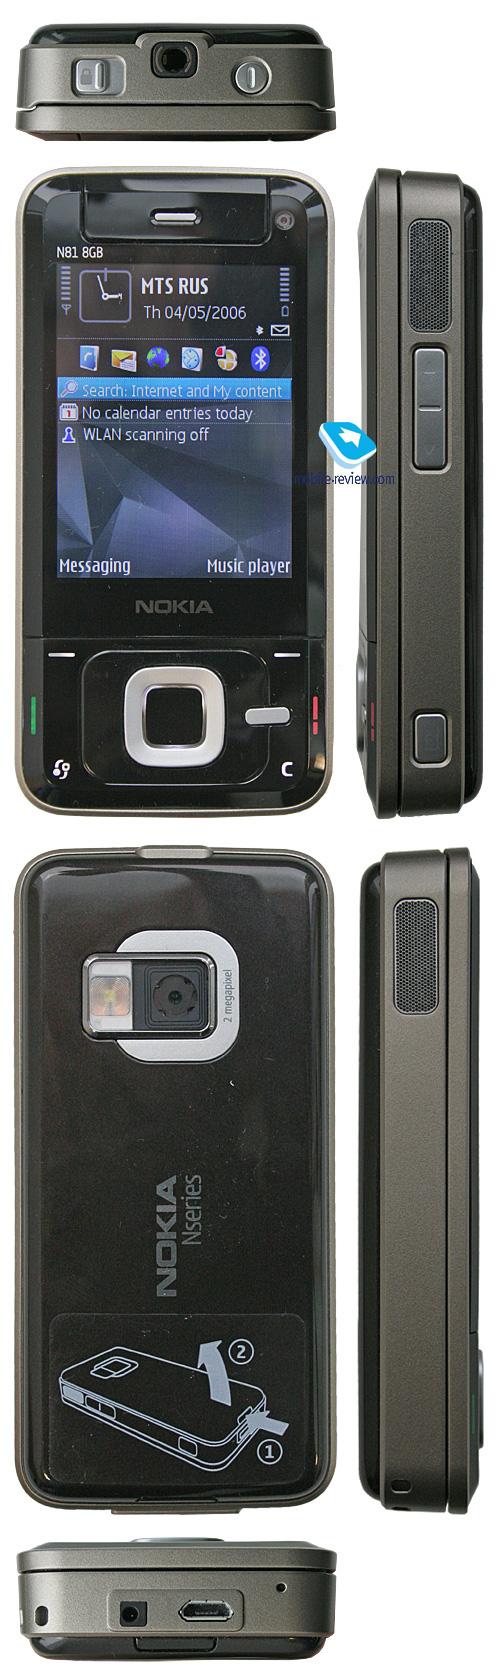 Nokia N80,N80,nokia,actualite,tests,fiche technique,Acheter en ligne,produits,Logiciels,OVI,Music Store,mobile,portable,phone,music,accessoires,prix,downloads,telecharger,software,themes,ringtones,games,videos,